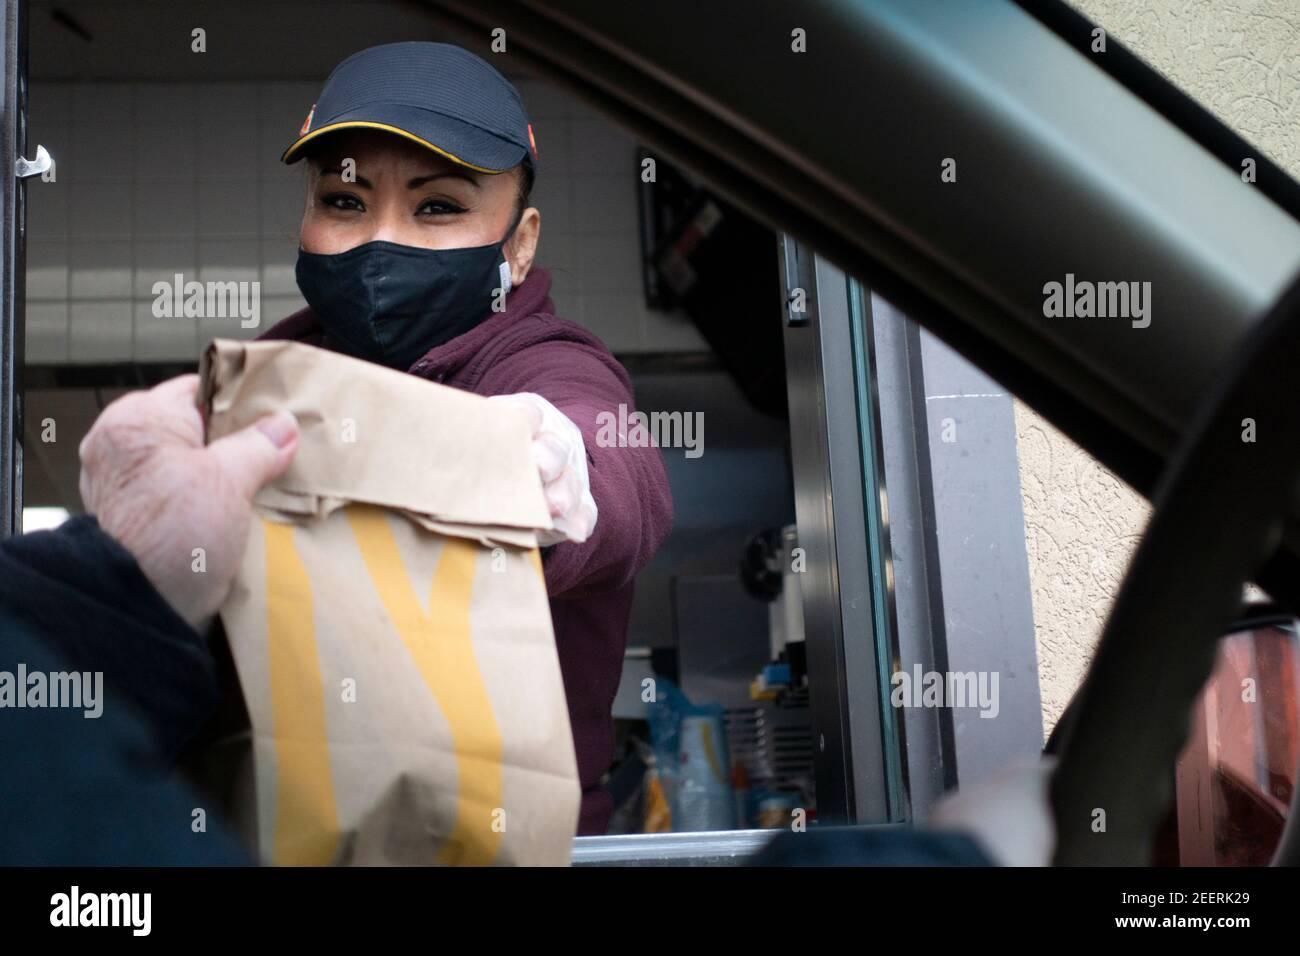 El trabajador del servicio de comida de McDonald's enmascaró la entrega de alimentos al cliente en el coche durante la pandemia de COVID-19. St Paul Minnesota MN EE.UU Foto de stock